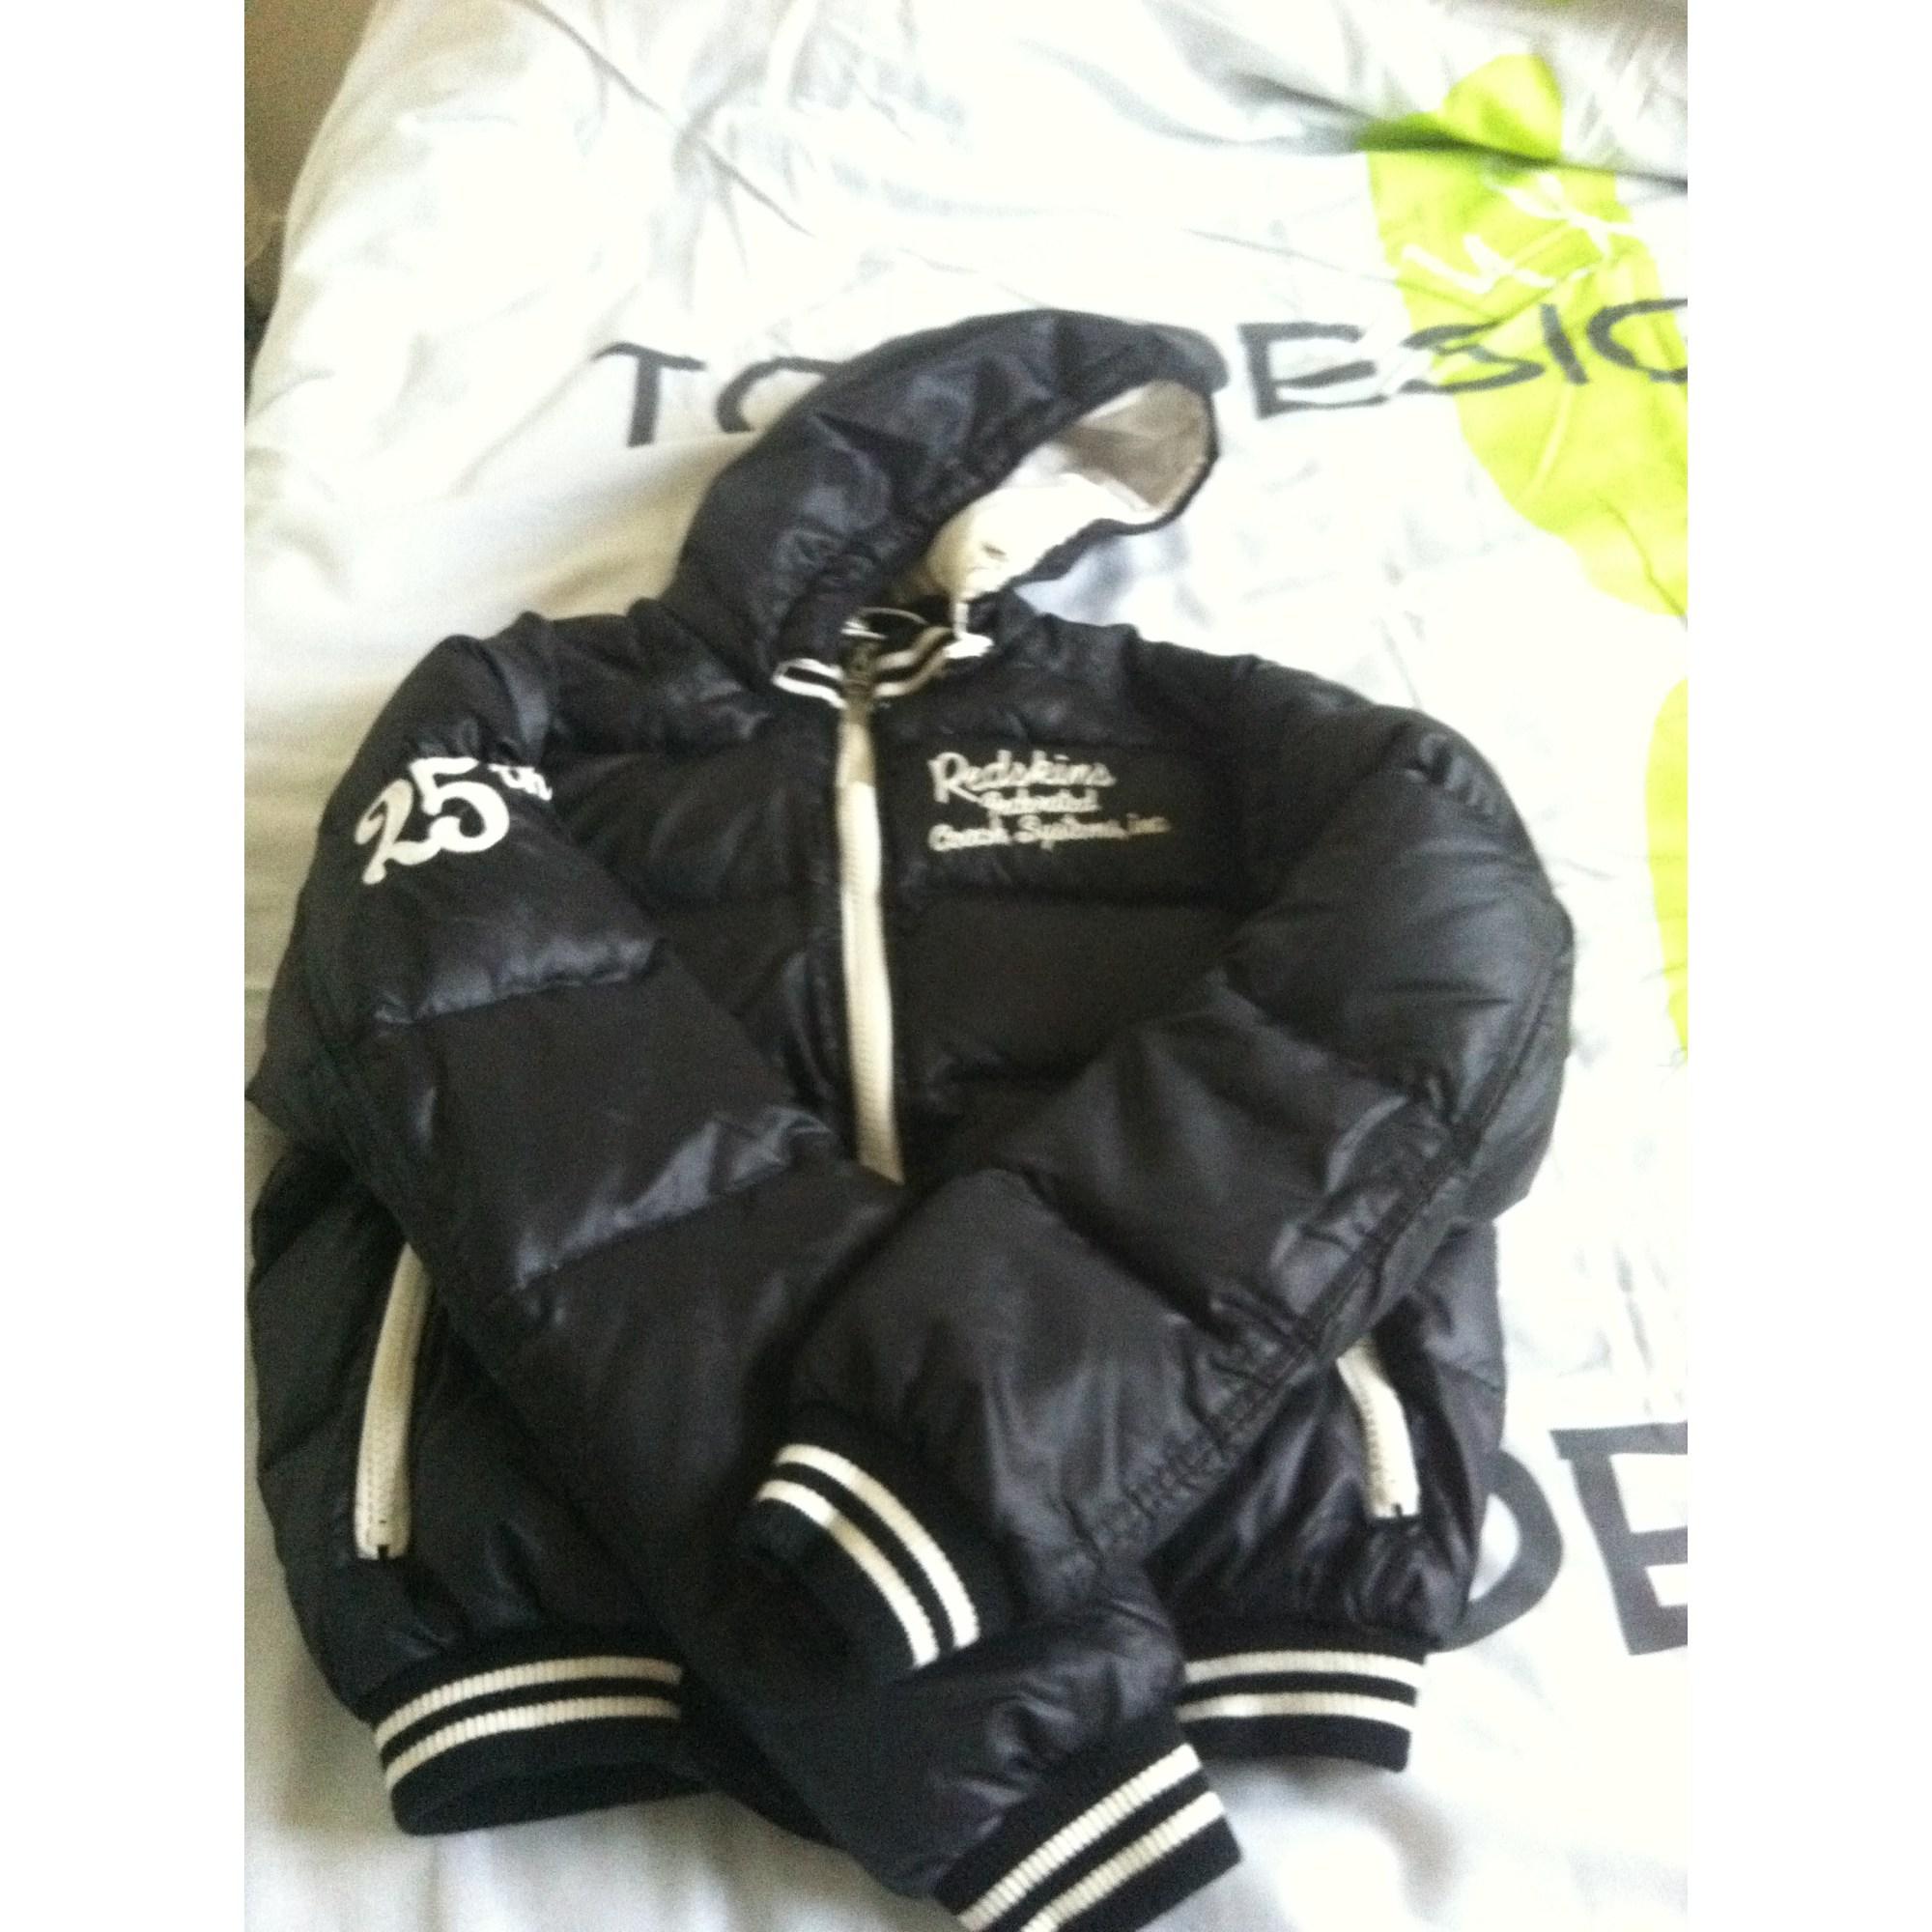 7a713a70d0e Doudoune REDSKINS 48 (M) noir vendu par Ludovic53571 - 492240